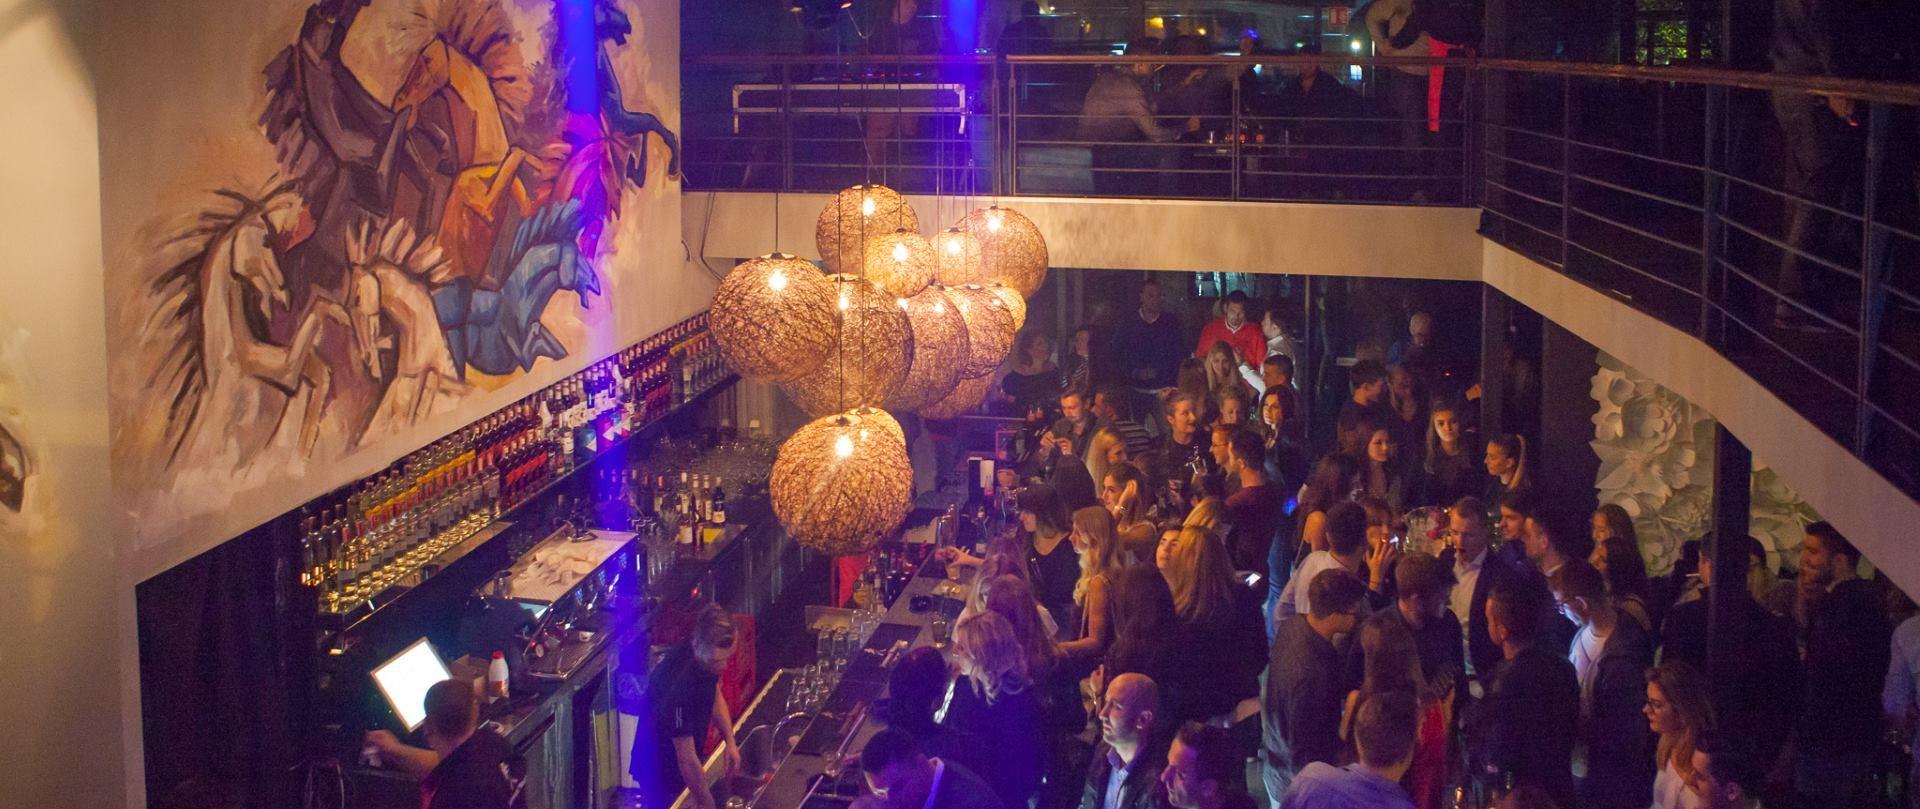 FOTO: Hugo's bar je mjesto koje se u trenu može prilagoditi onome što vam treba